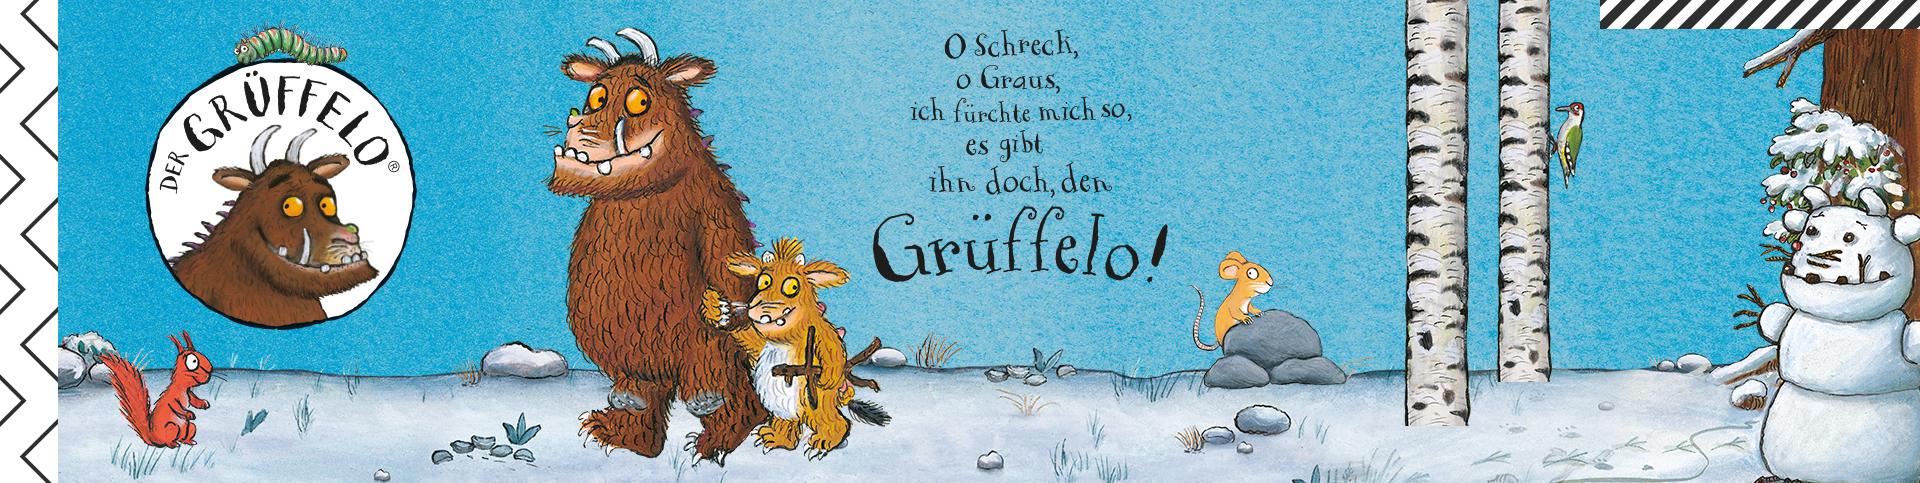 Eine winterliche Szene mit dem Grüffelo, dem Grüffelo-Kind und weiteren Tieren